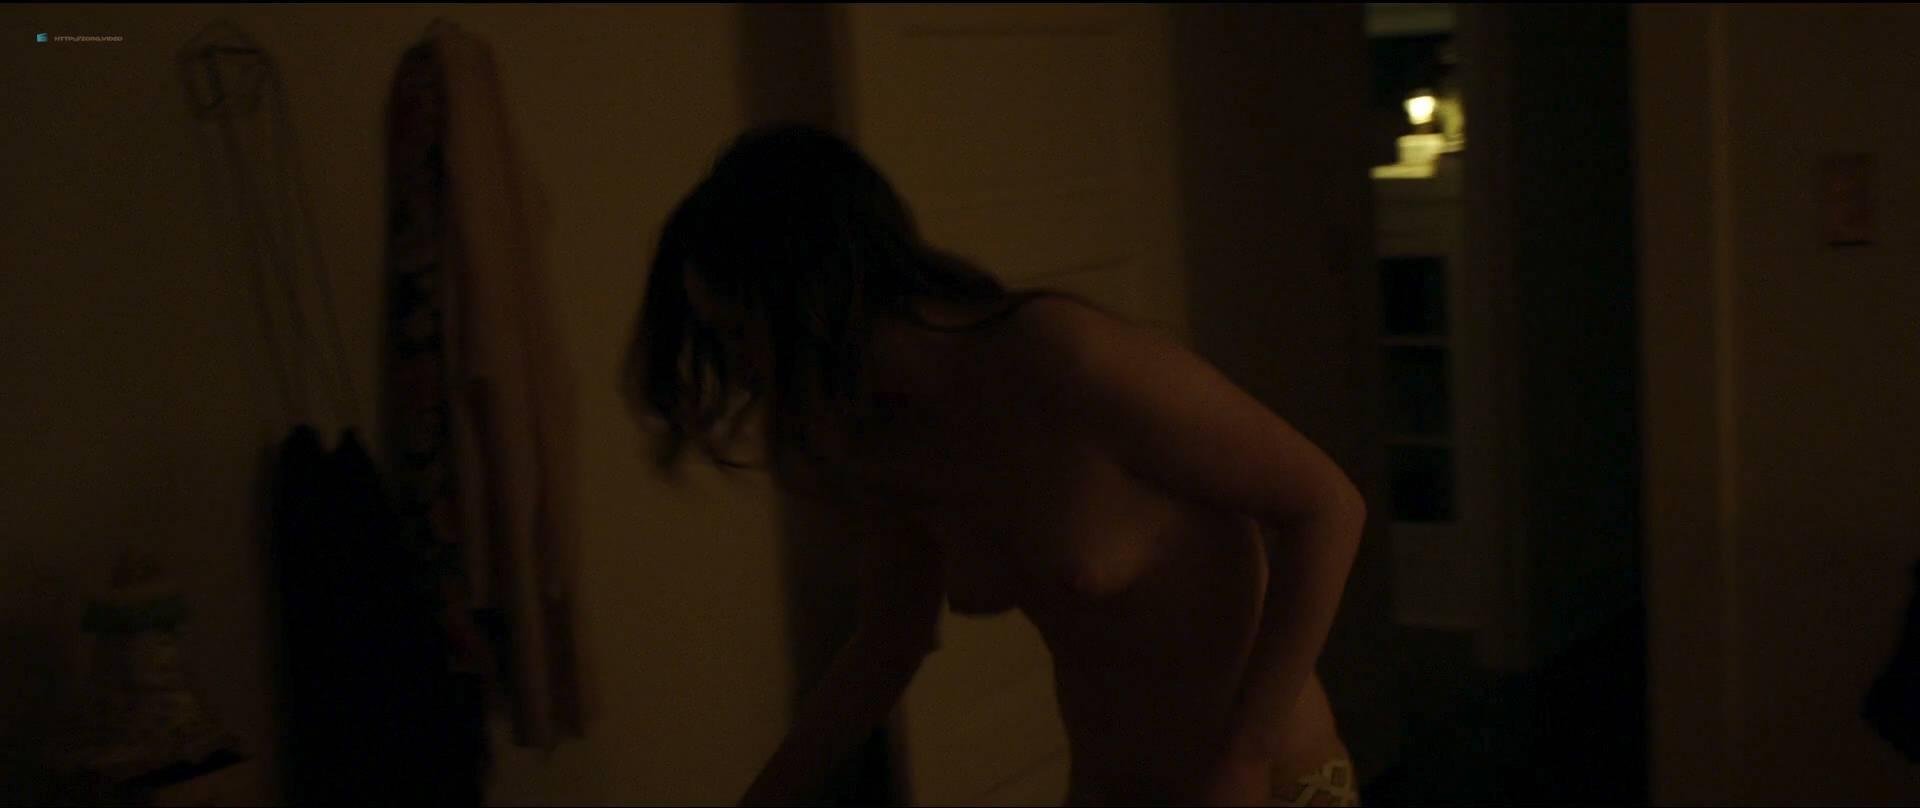 zoe lister jones topless